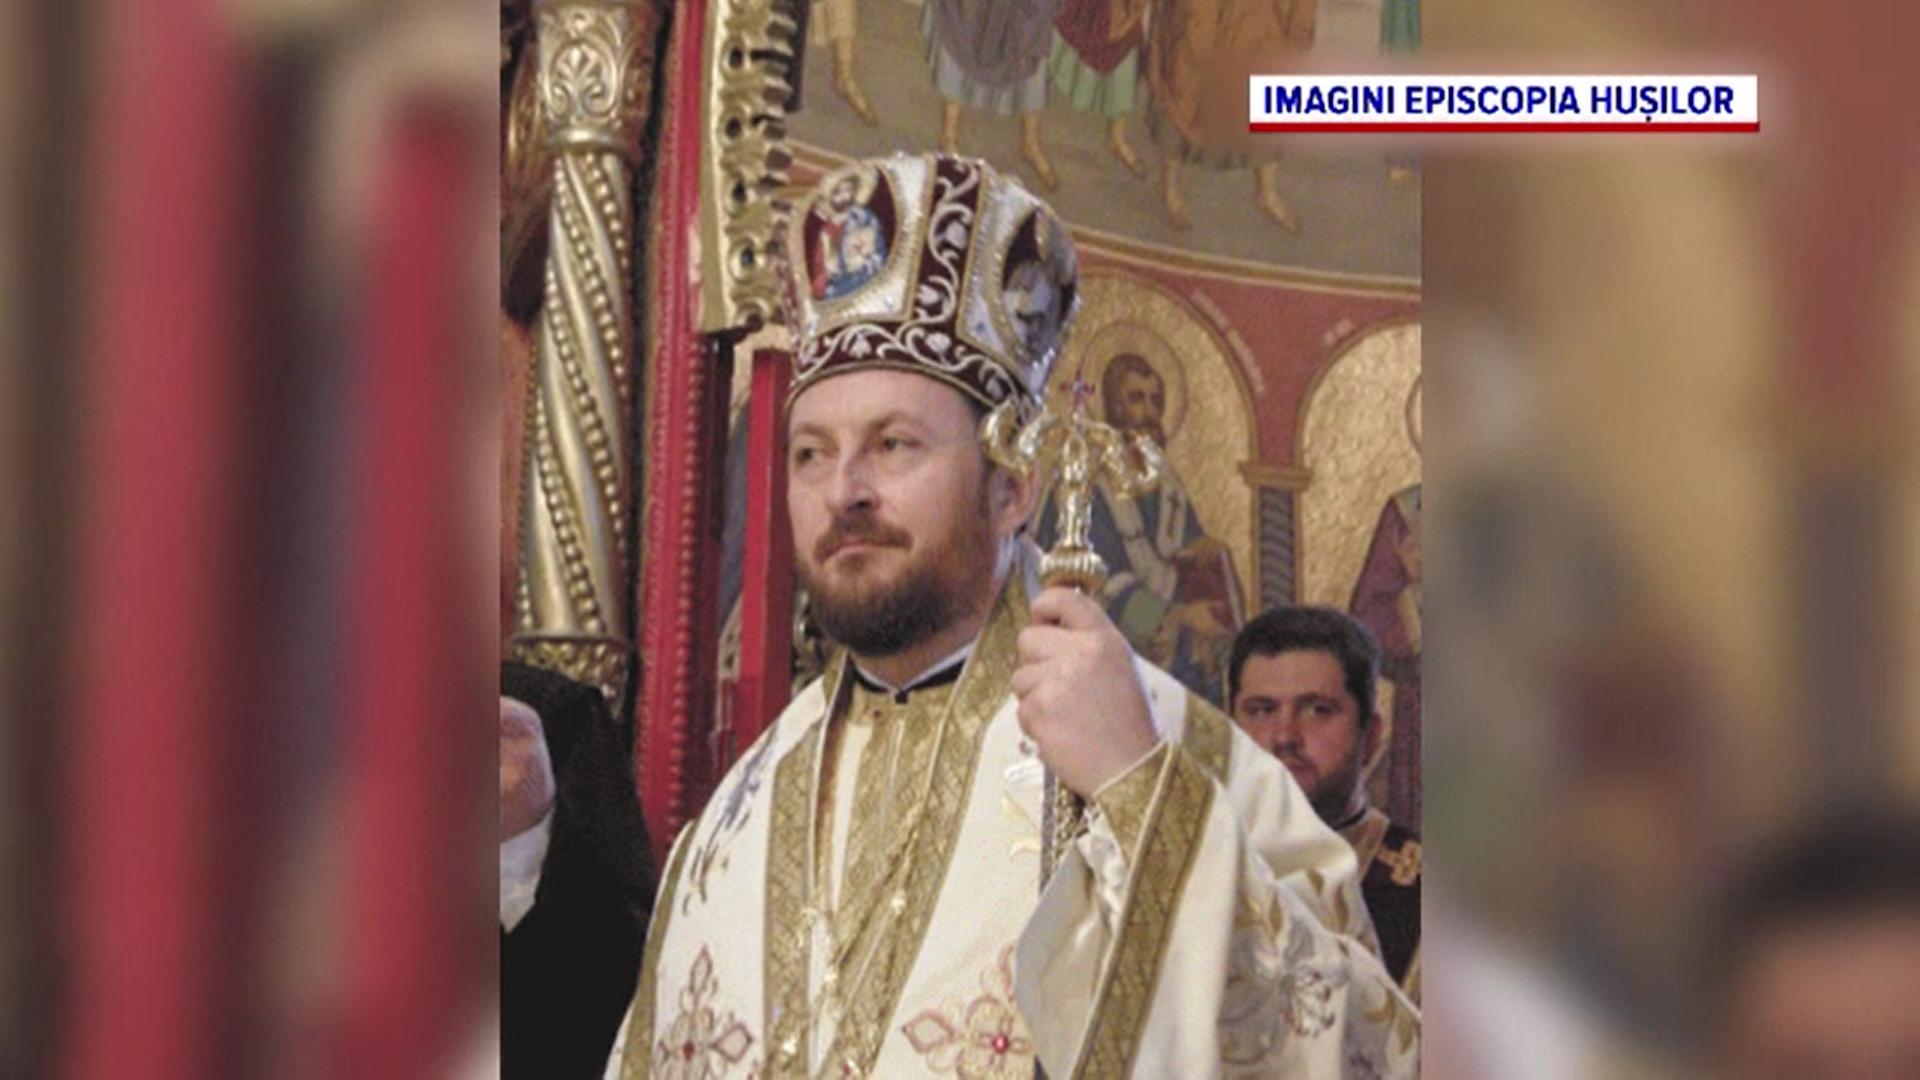 Se reia ancheta în cazul fostului episcop de Huși Corneliu Onilă, acuzat de abuz sexual asupra unui elev de seminar